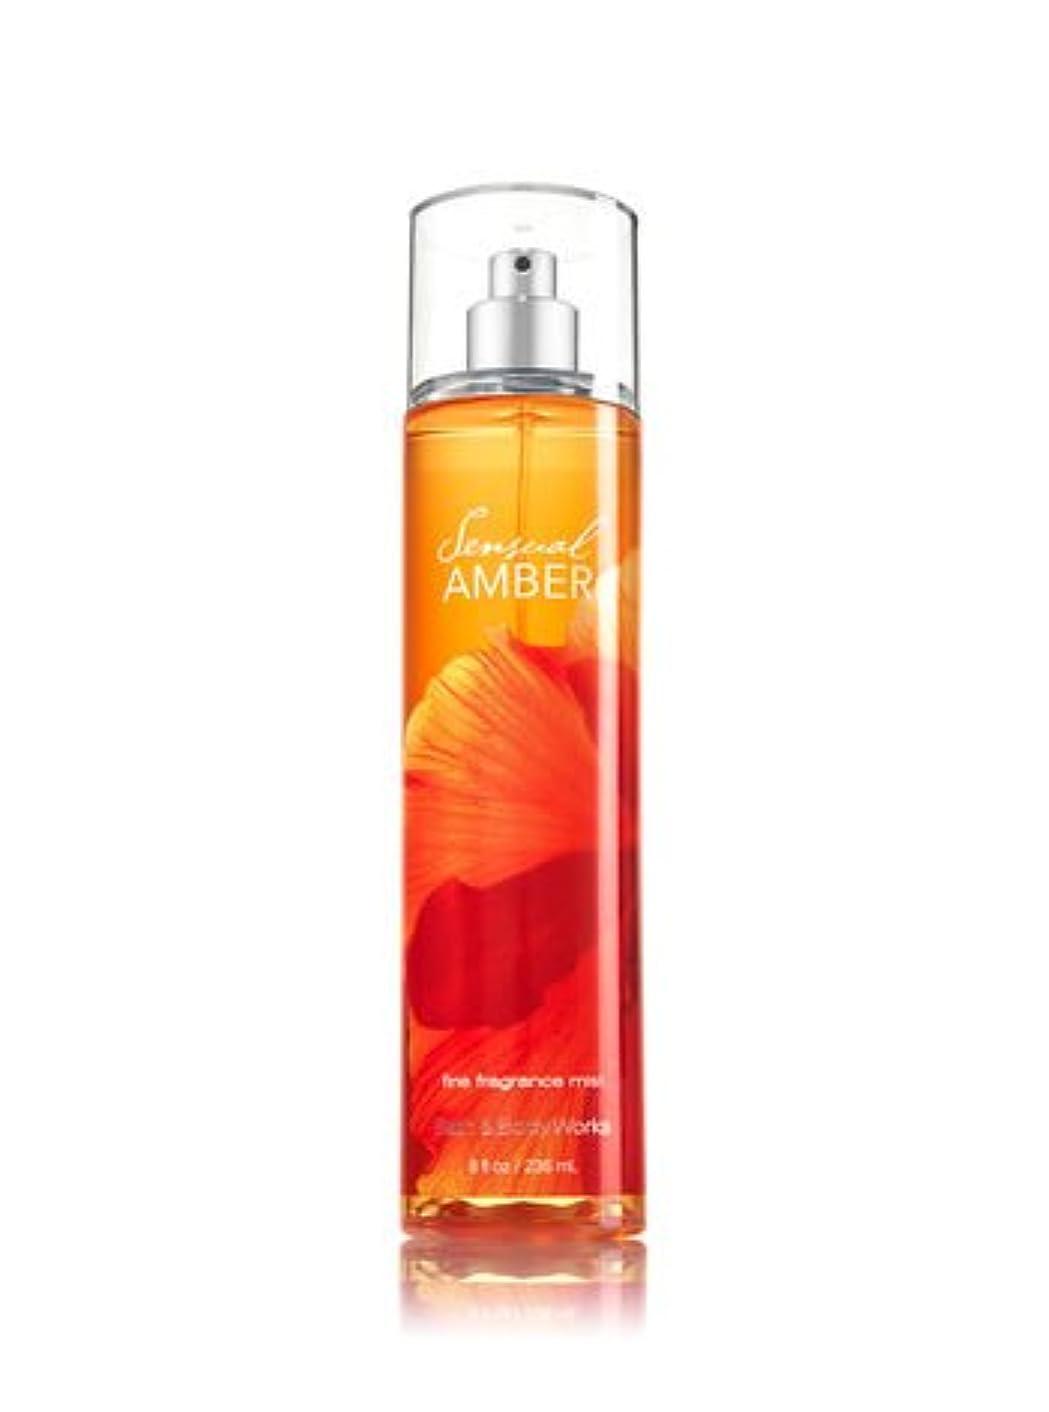 伝記ミュートメタンバス&ボディワークス センシュアルアンバー ファイン フレグランスミスト Sensual Amber Fine Fragrance Mist [海外直送品]